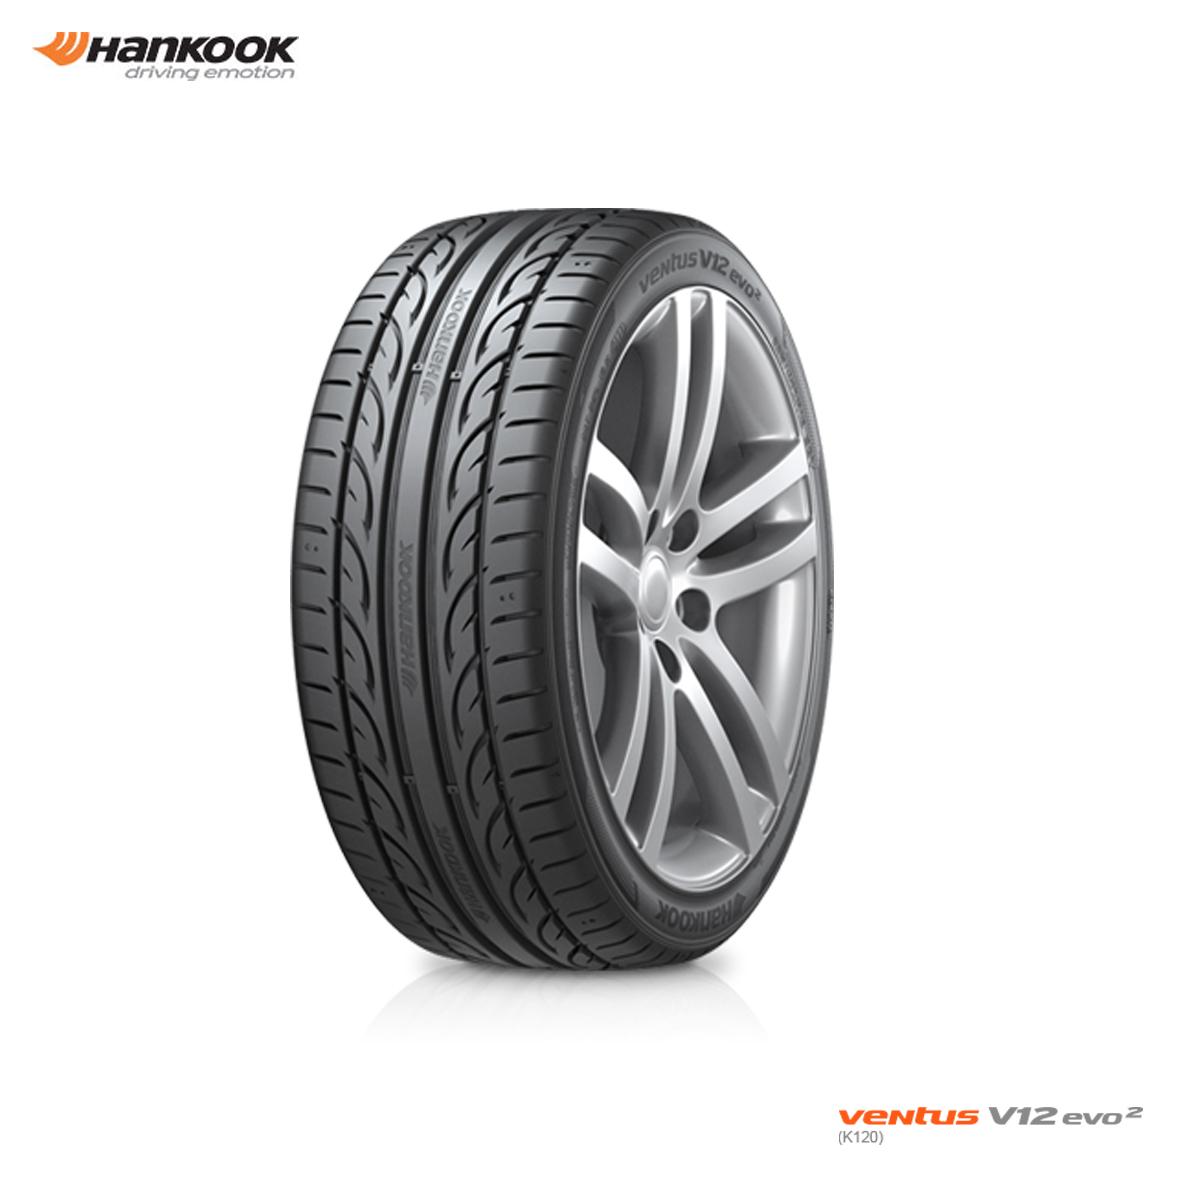 サマータイヤ ハンコック 20インチ タイヤ 245/35R20 245 35 20 ヴェンタス K120 4本 グリップ 輸入 夏 HANKOOK VENTUS V12evo2